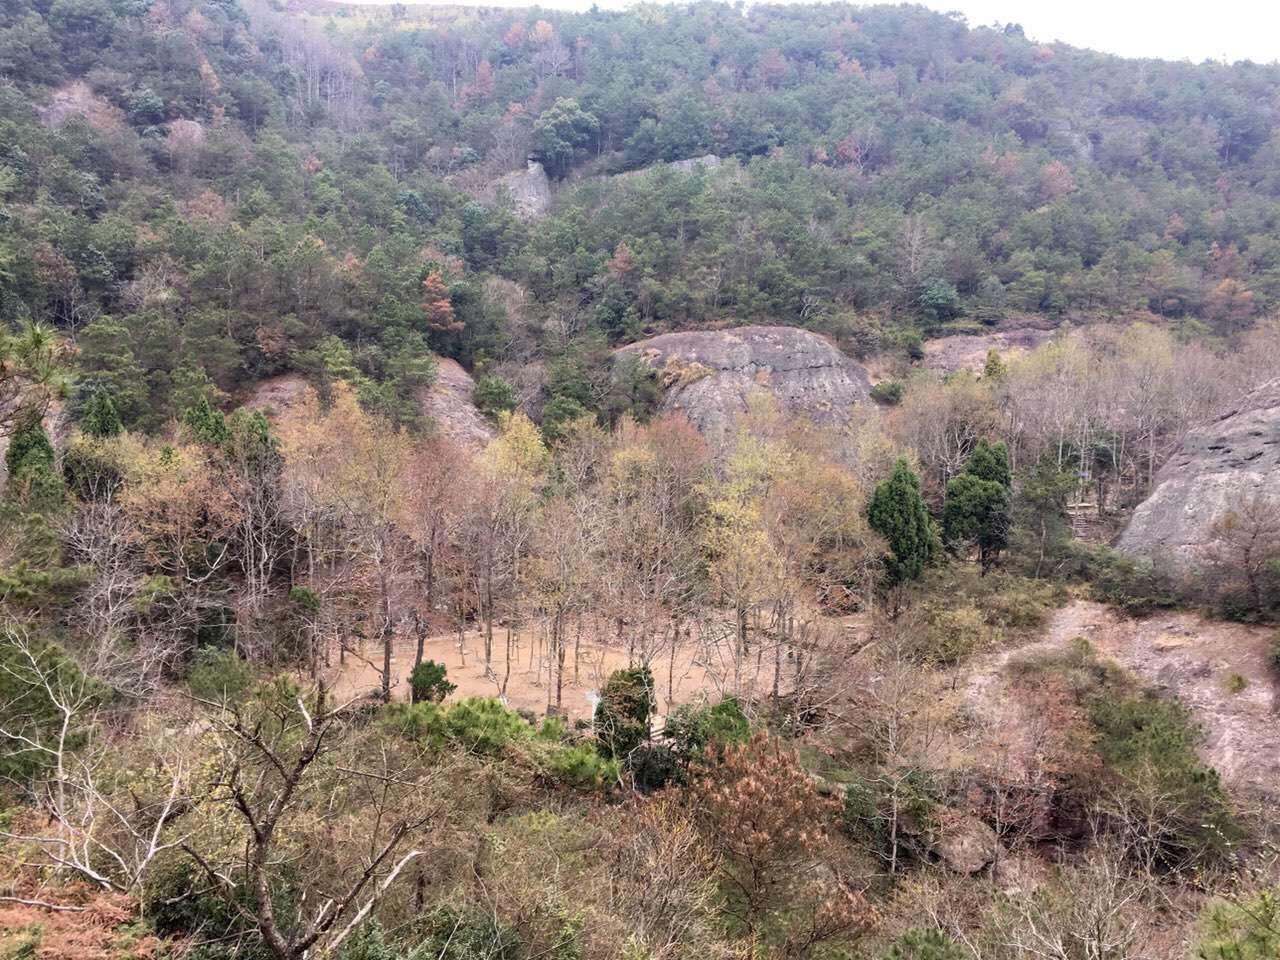 【携程攻略】温岭方山南嵩岩风景区好玩吗,温岭方山南图片